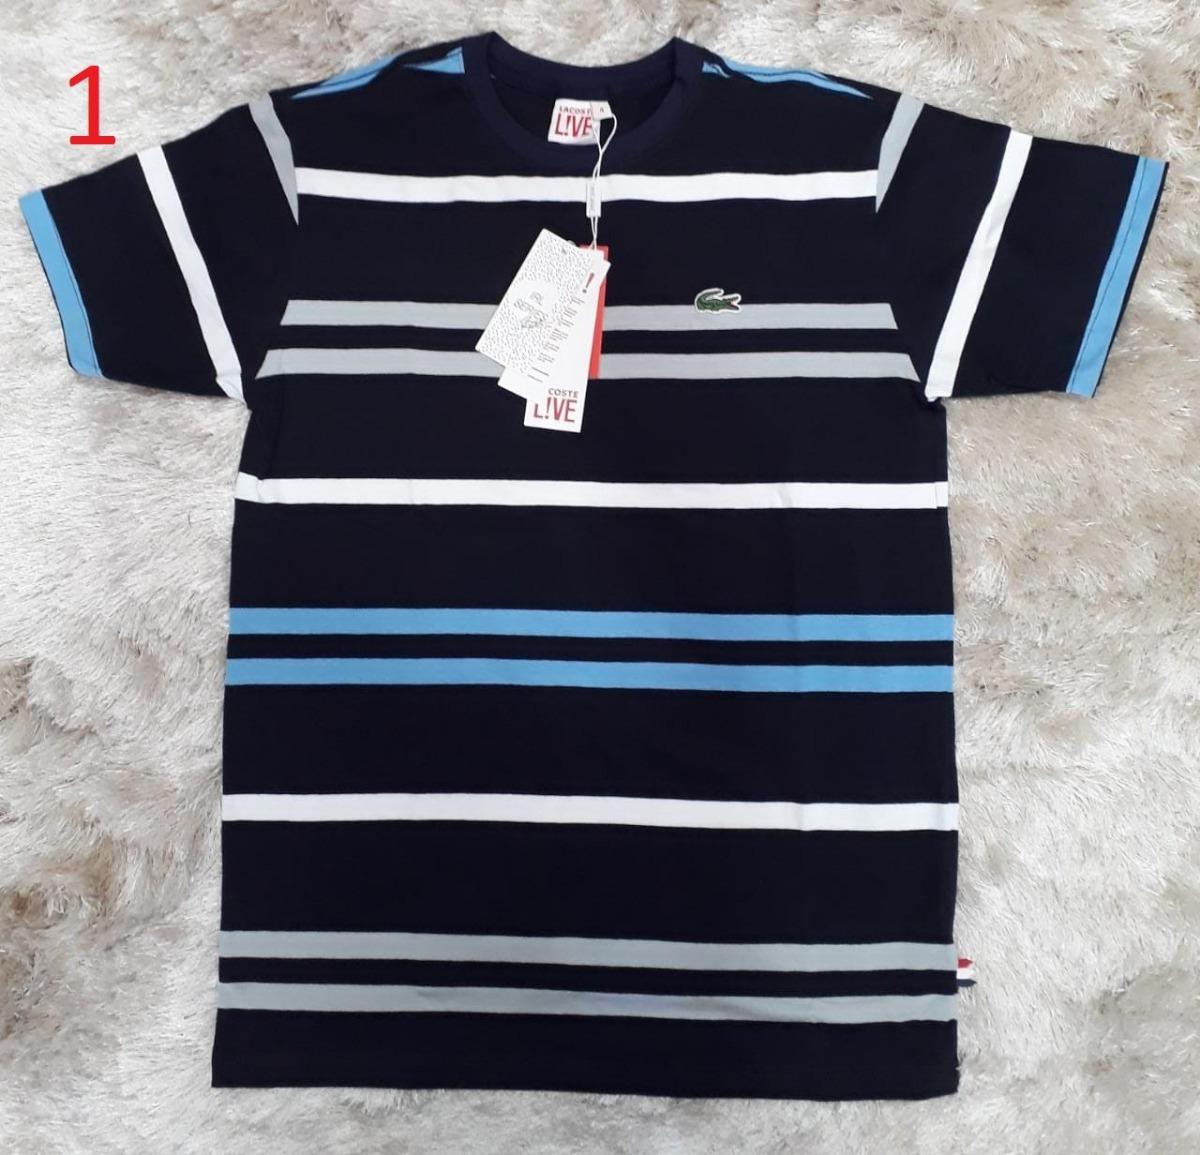 camisa camiseta lacoste listrada masc preto azul bb original. Carregando  zoom. 88f6fdded0